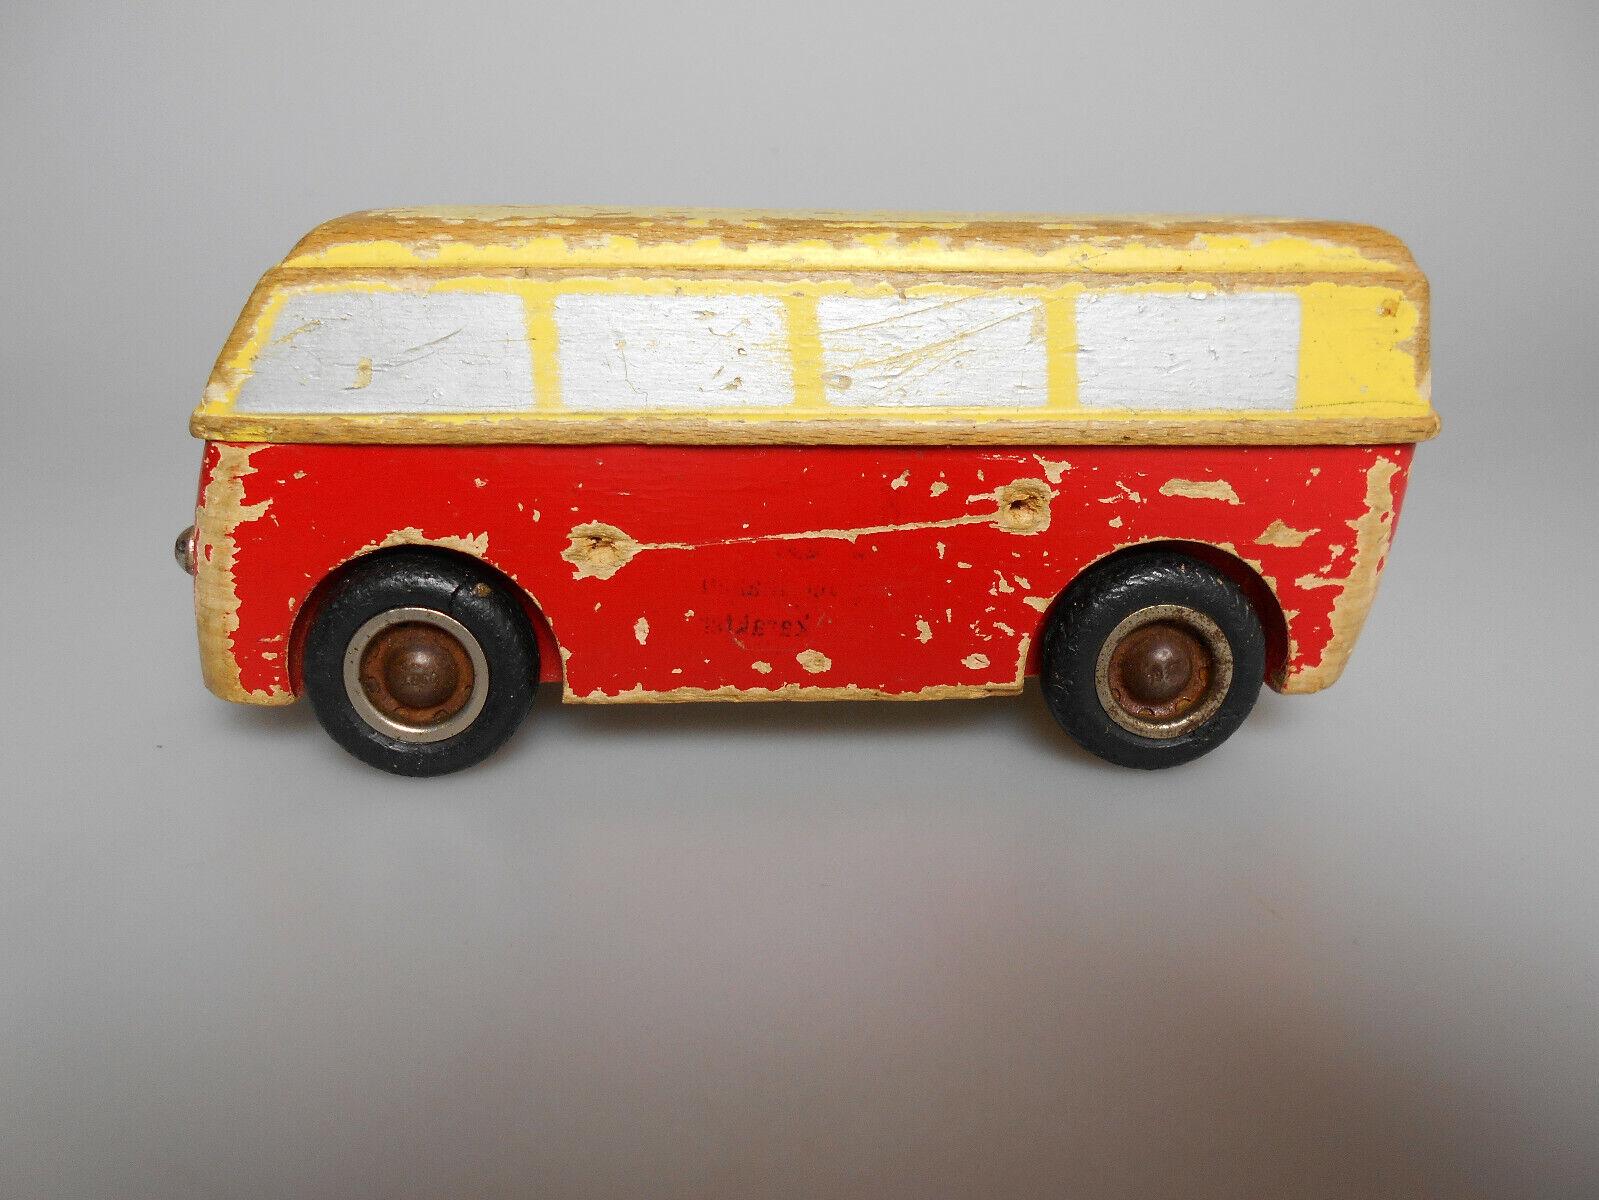 Lego® VW  Bulli T1 Holz Version 50er Jahre Selten  sélectionnez parmi les dernières marques comme